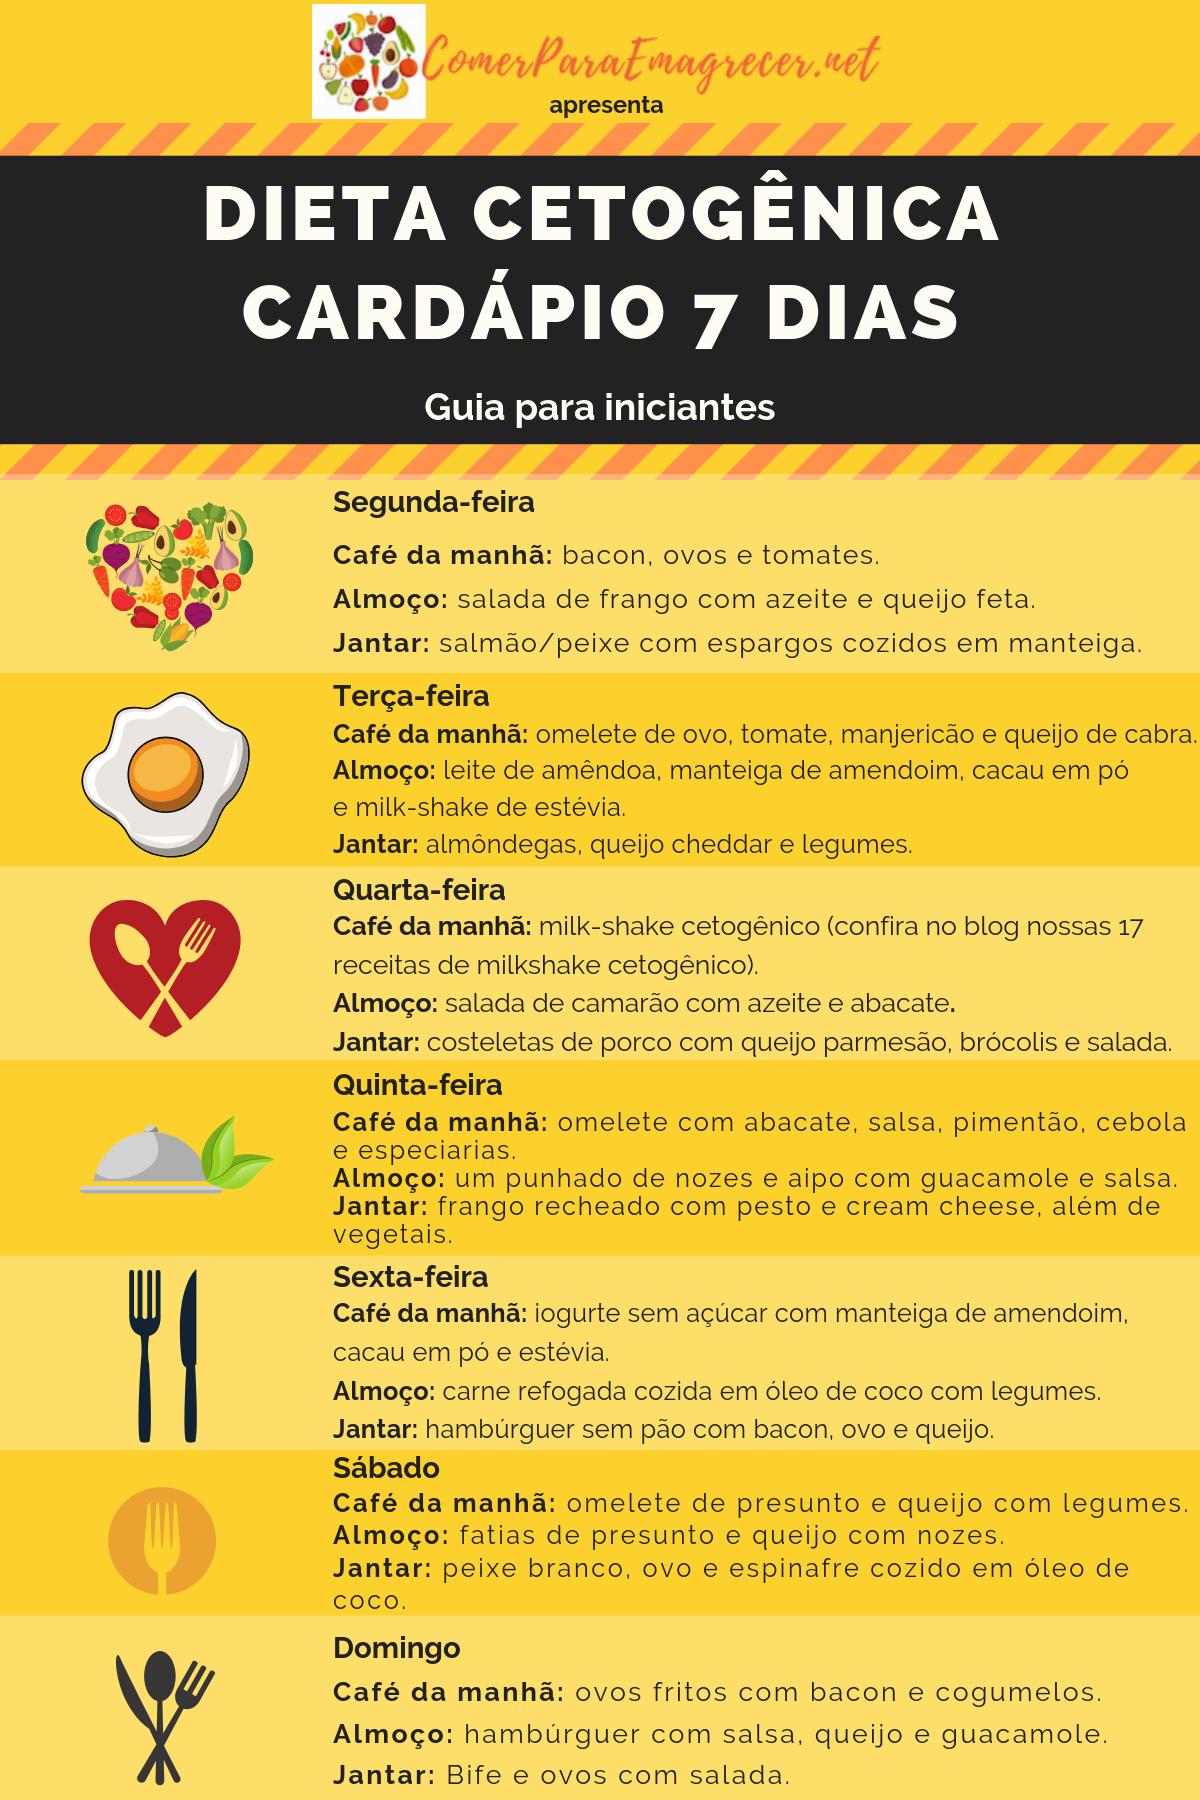 Dieta Cetogenica Cardapio 7 Dias Dieta Cetogenica Dieta Dieta Cetogenica Receitas